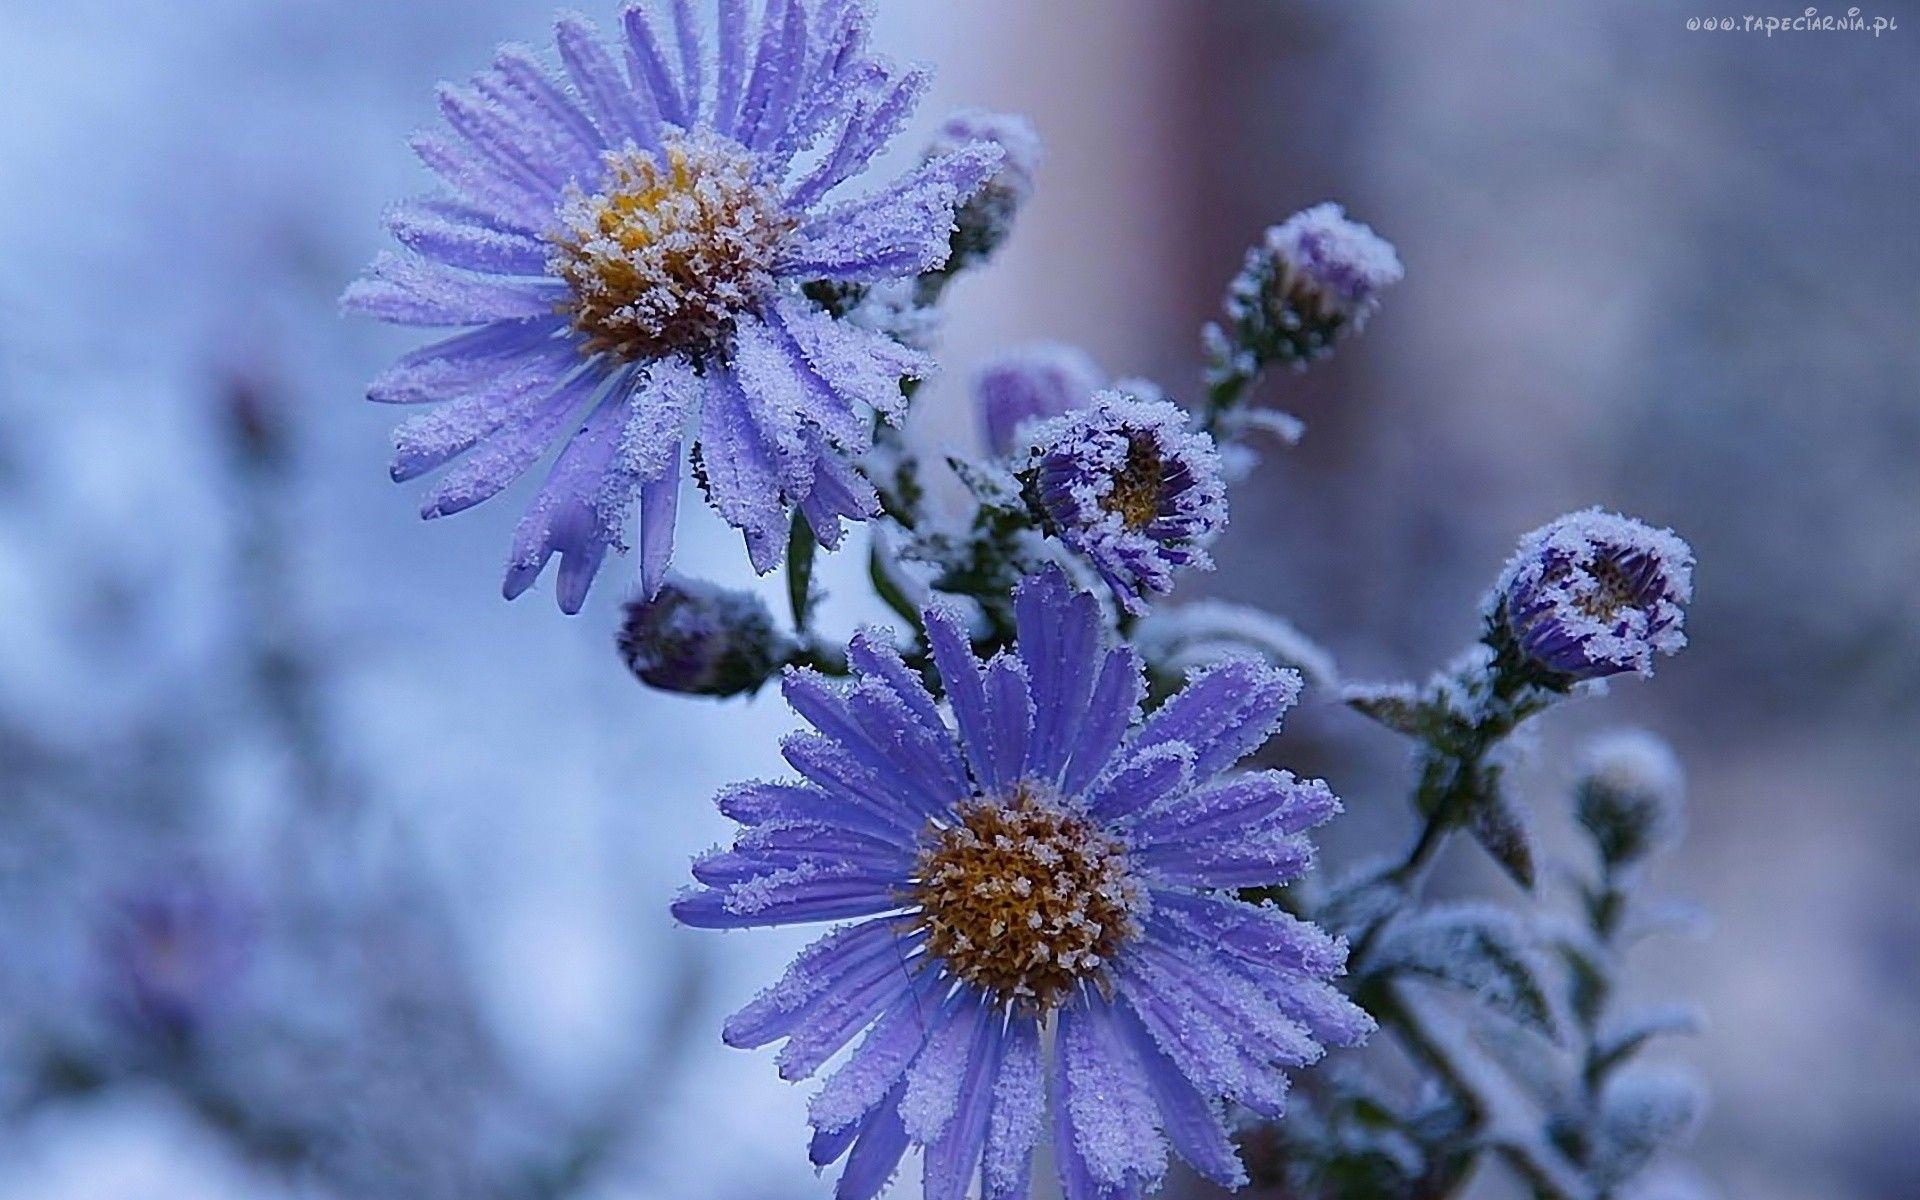 Edycja Tapety Zima Oszroniony Aster Tapety Tapeta Zdjecia Tapety Na Pulpit Nature Amazing Flowers Aster